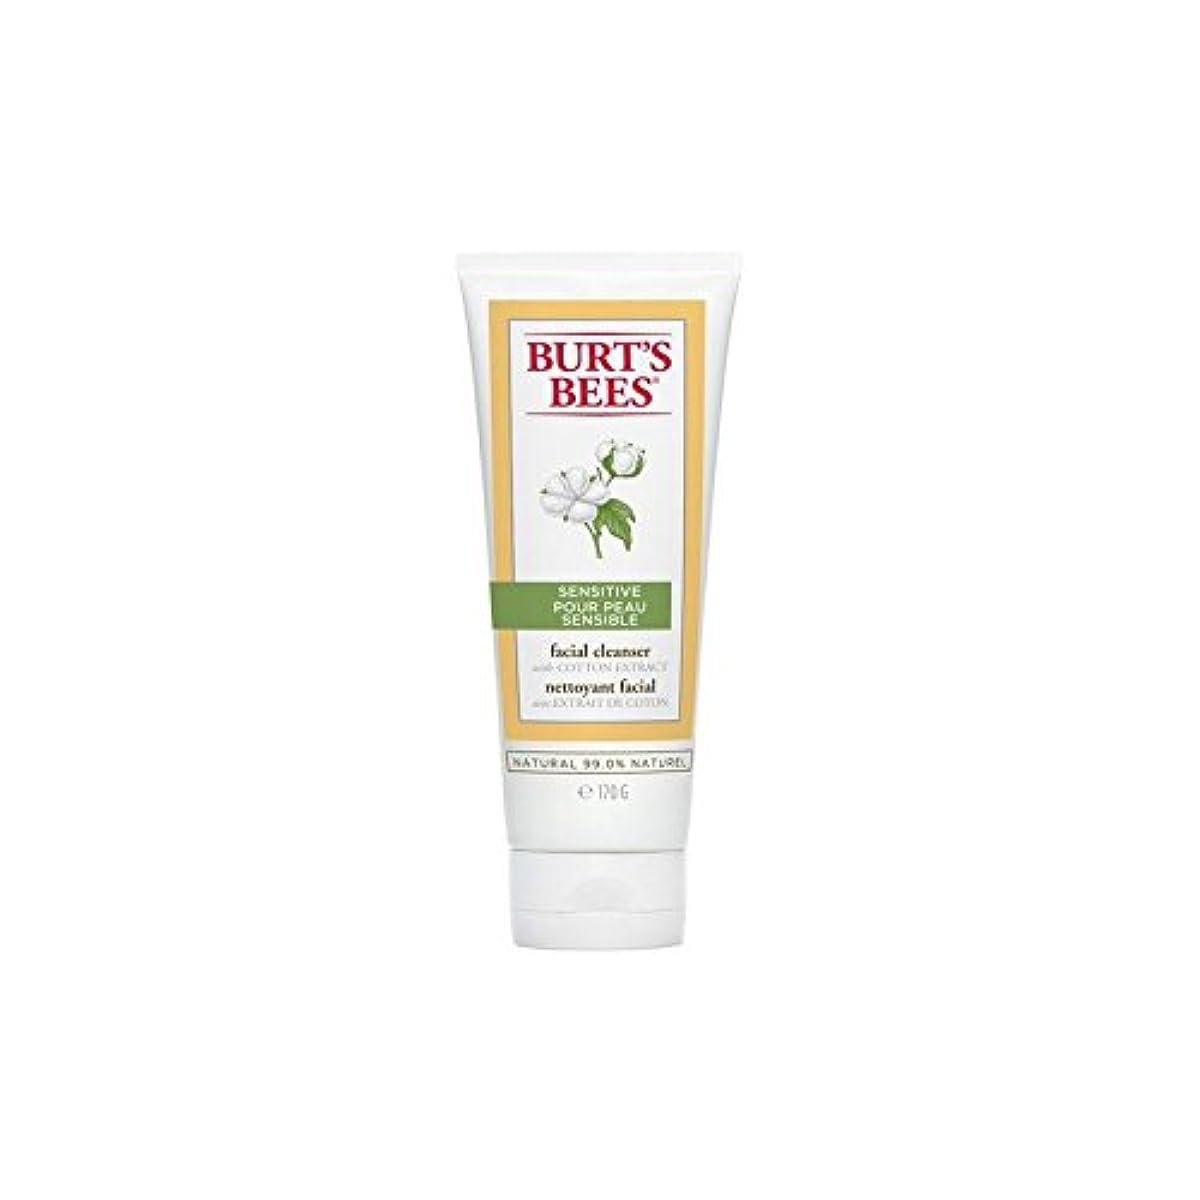 Burt's Bees Sensitive Facial Cleanser 170G - バーツビー敏感な洗顔料の170グラム [並行輸入品]